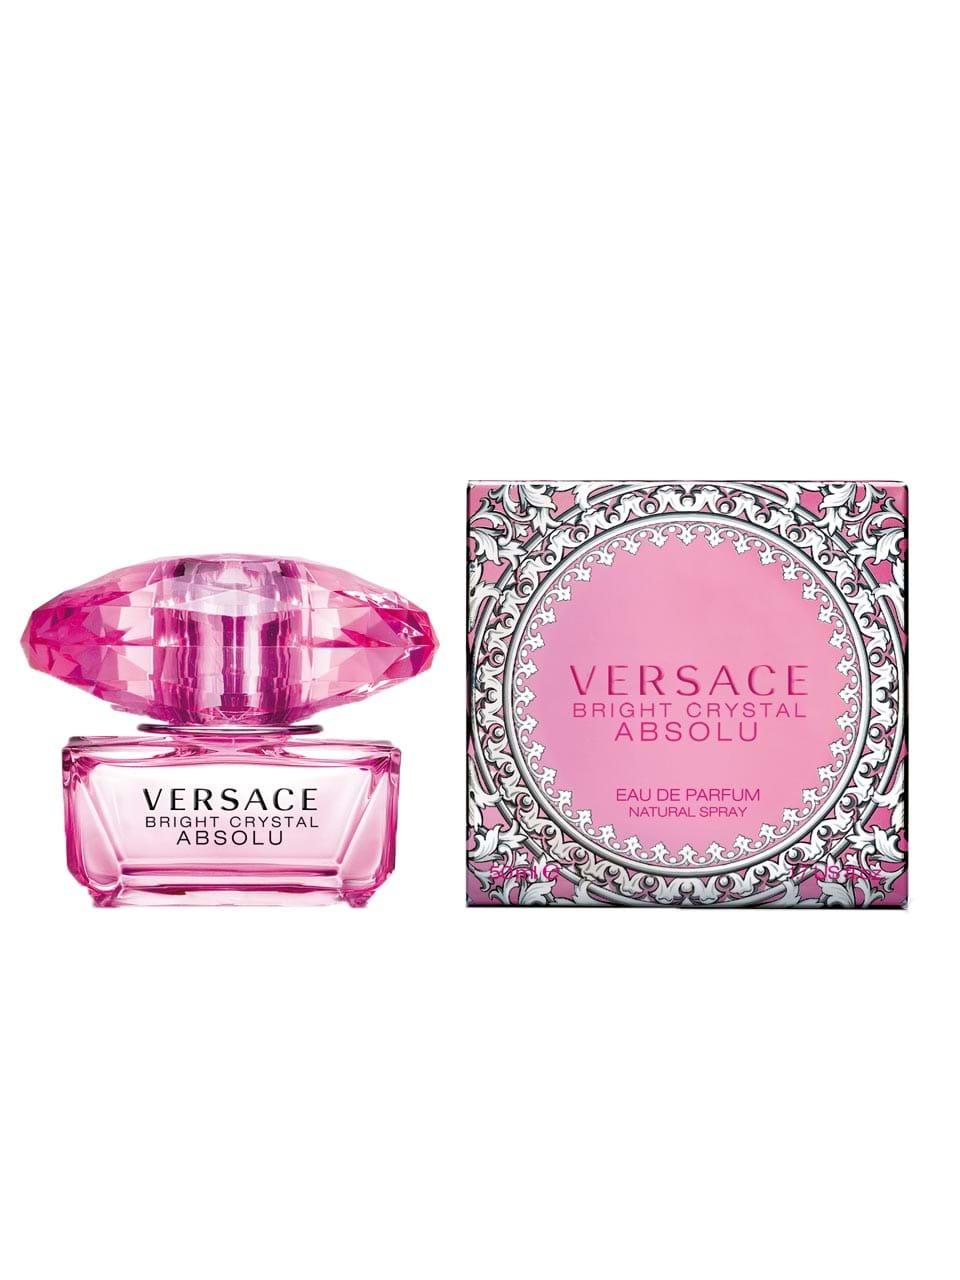 Bright De Parfum Crystal Eau Ml Versace Absolu 50 W92IeYbEHD